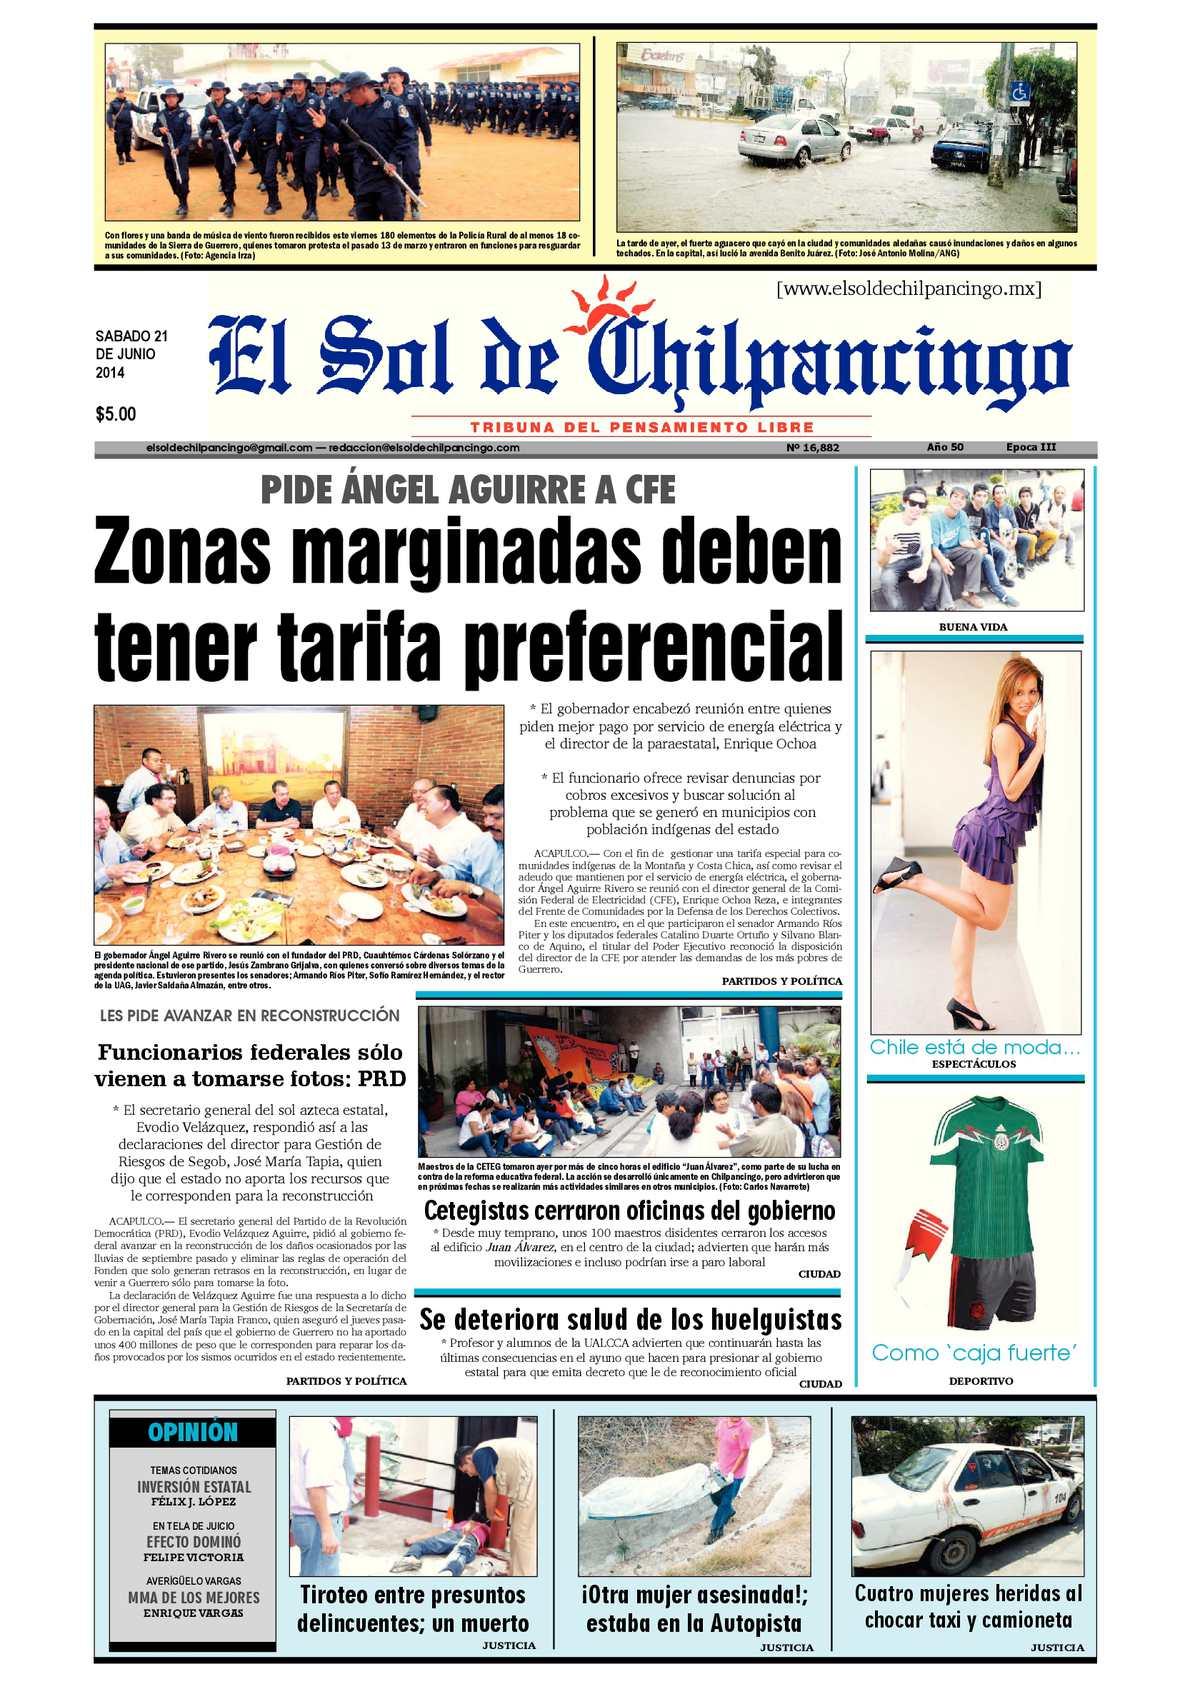 Calaméo - El Sol de Chilpancingo 21 Junio 2014 02191d8a17d